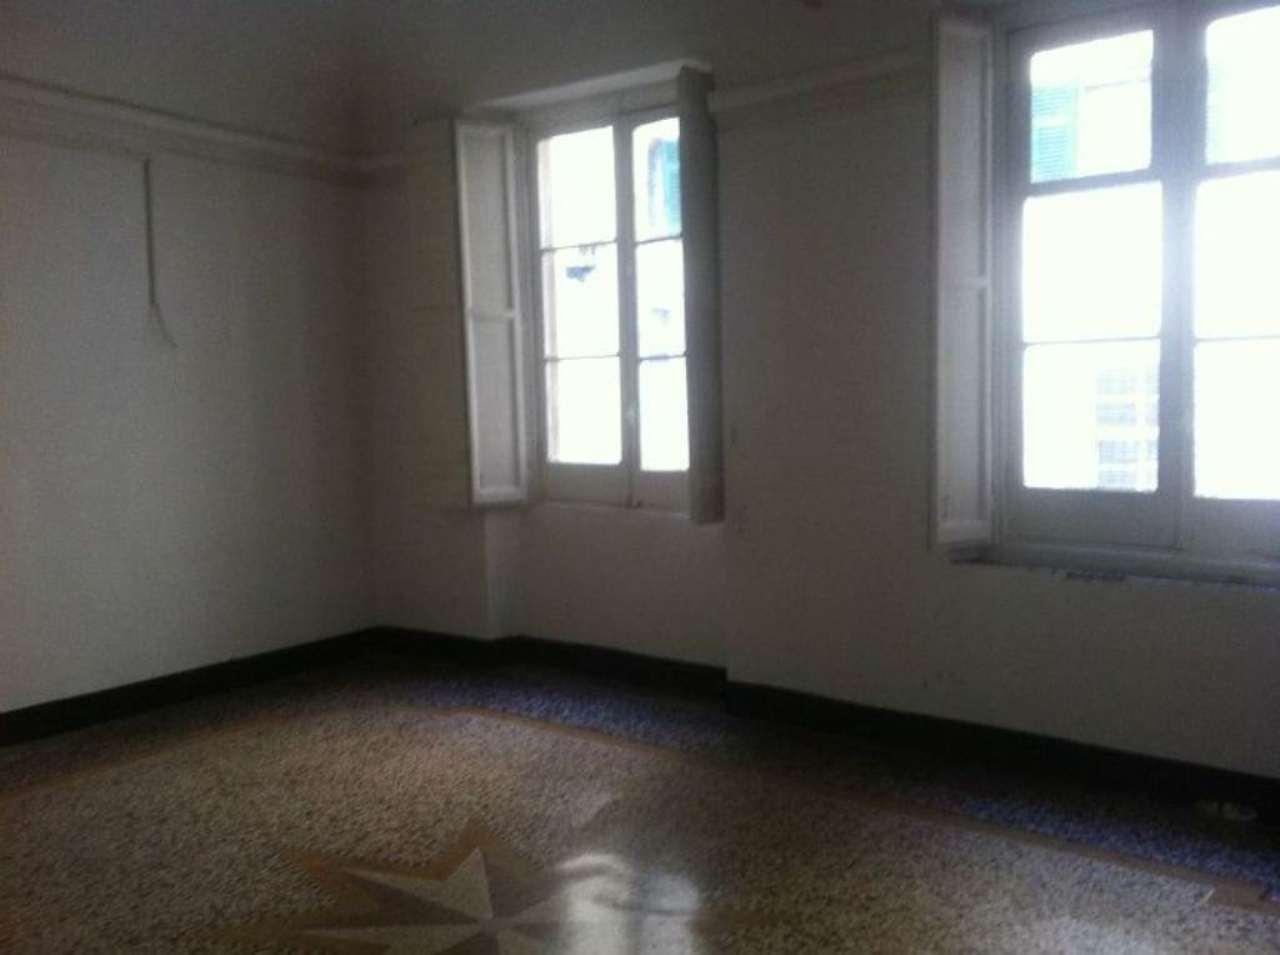 Ufficio / Studio in affitto a Genova, 3 locali, zona Zona: 1 . Centro, Centro Storico, prezzo € 550 | Cambio Casa.it